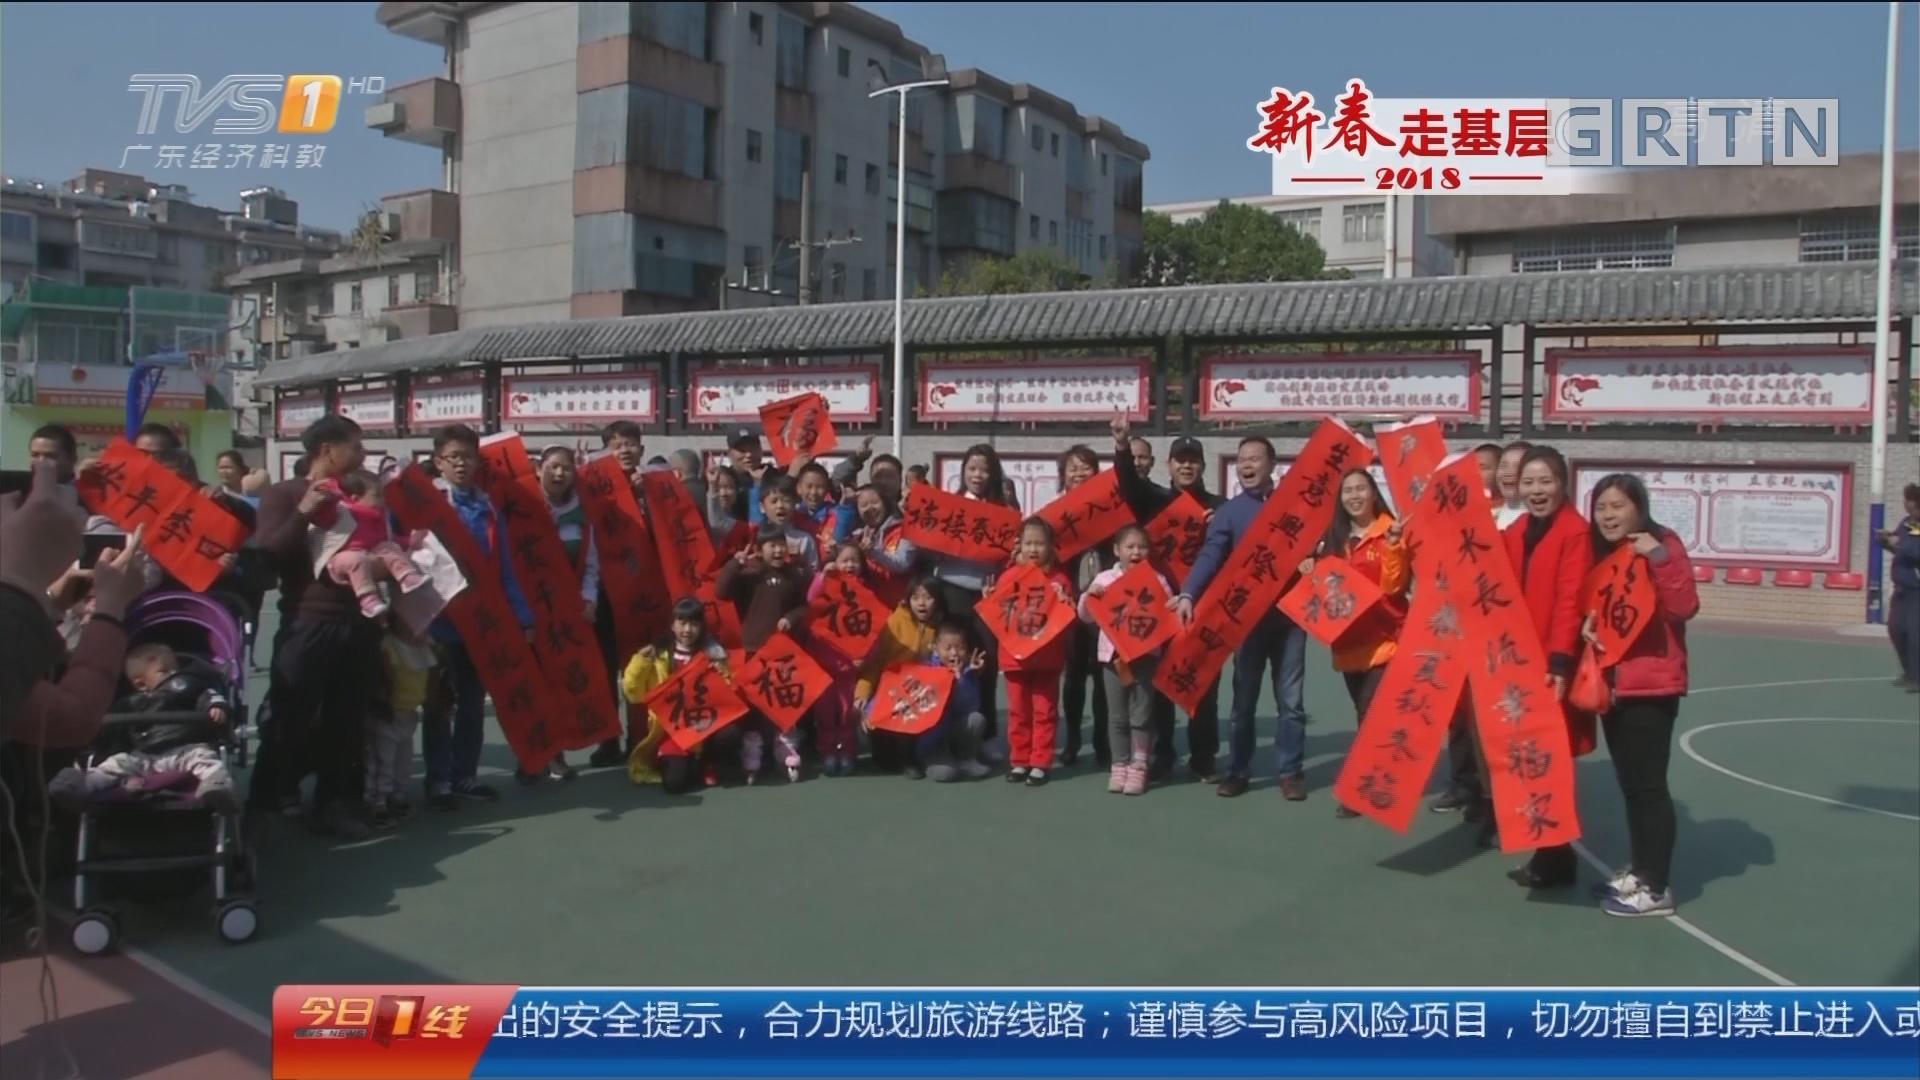 新春走基层:广东最美社区 社区街坊齐欢聚 新春游园正当时